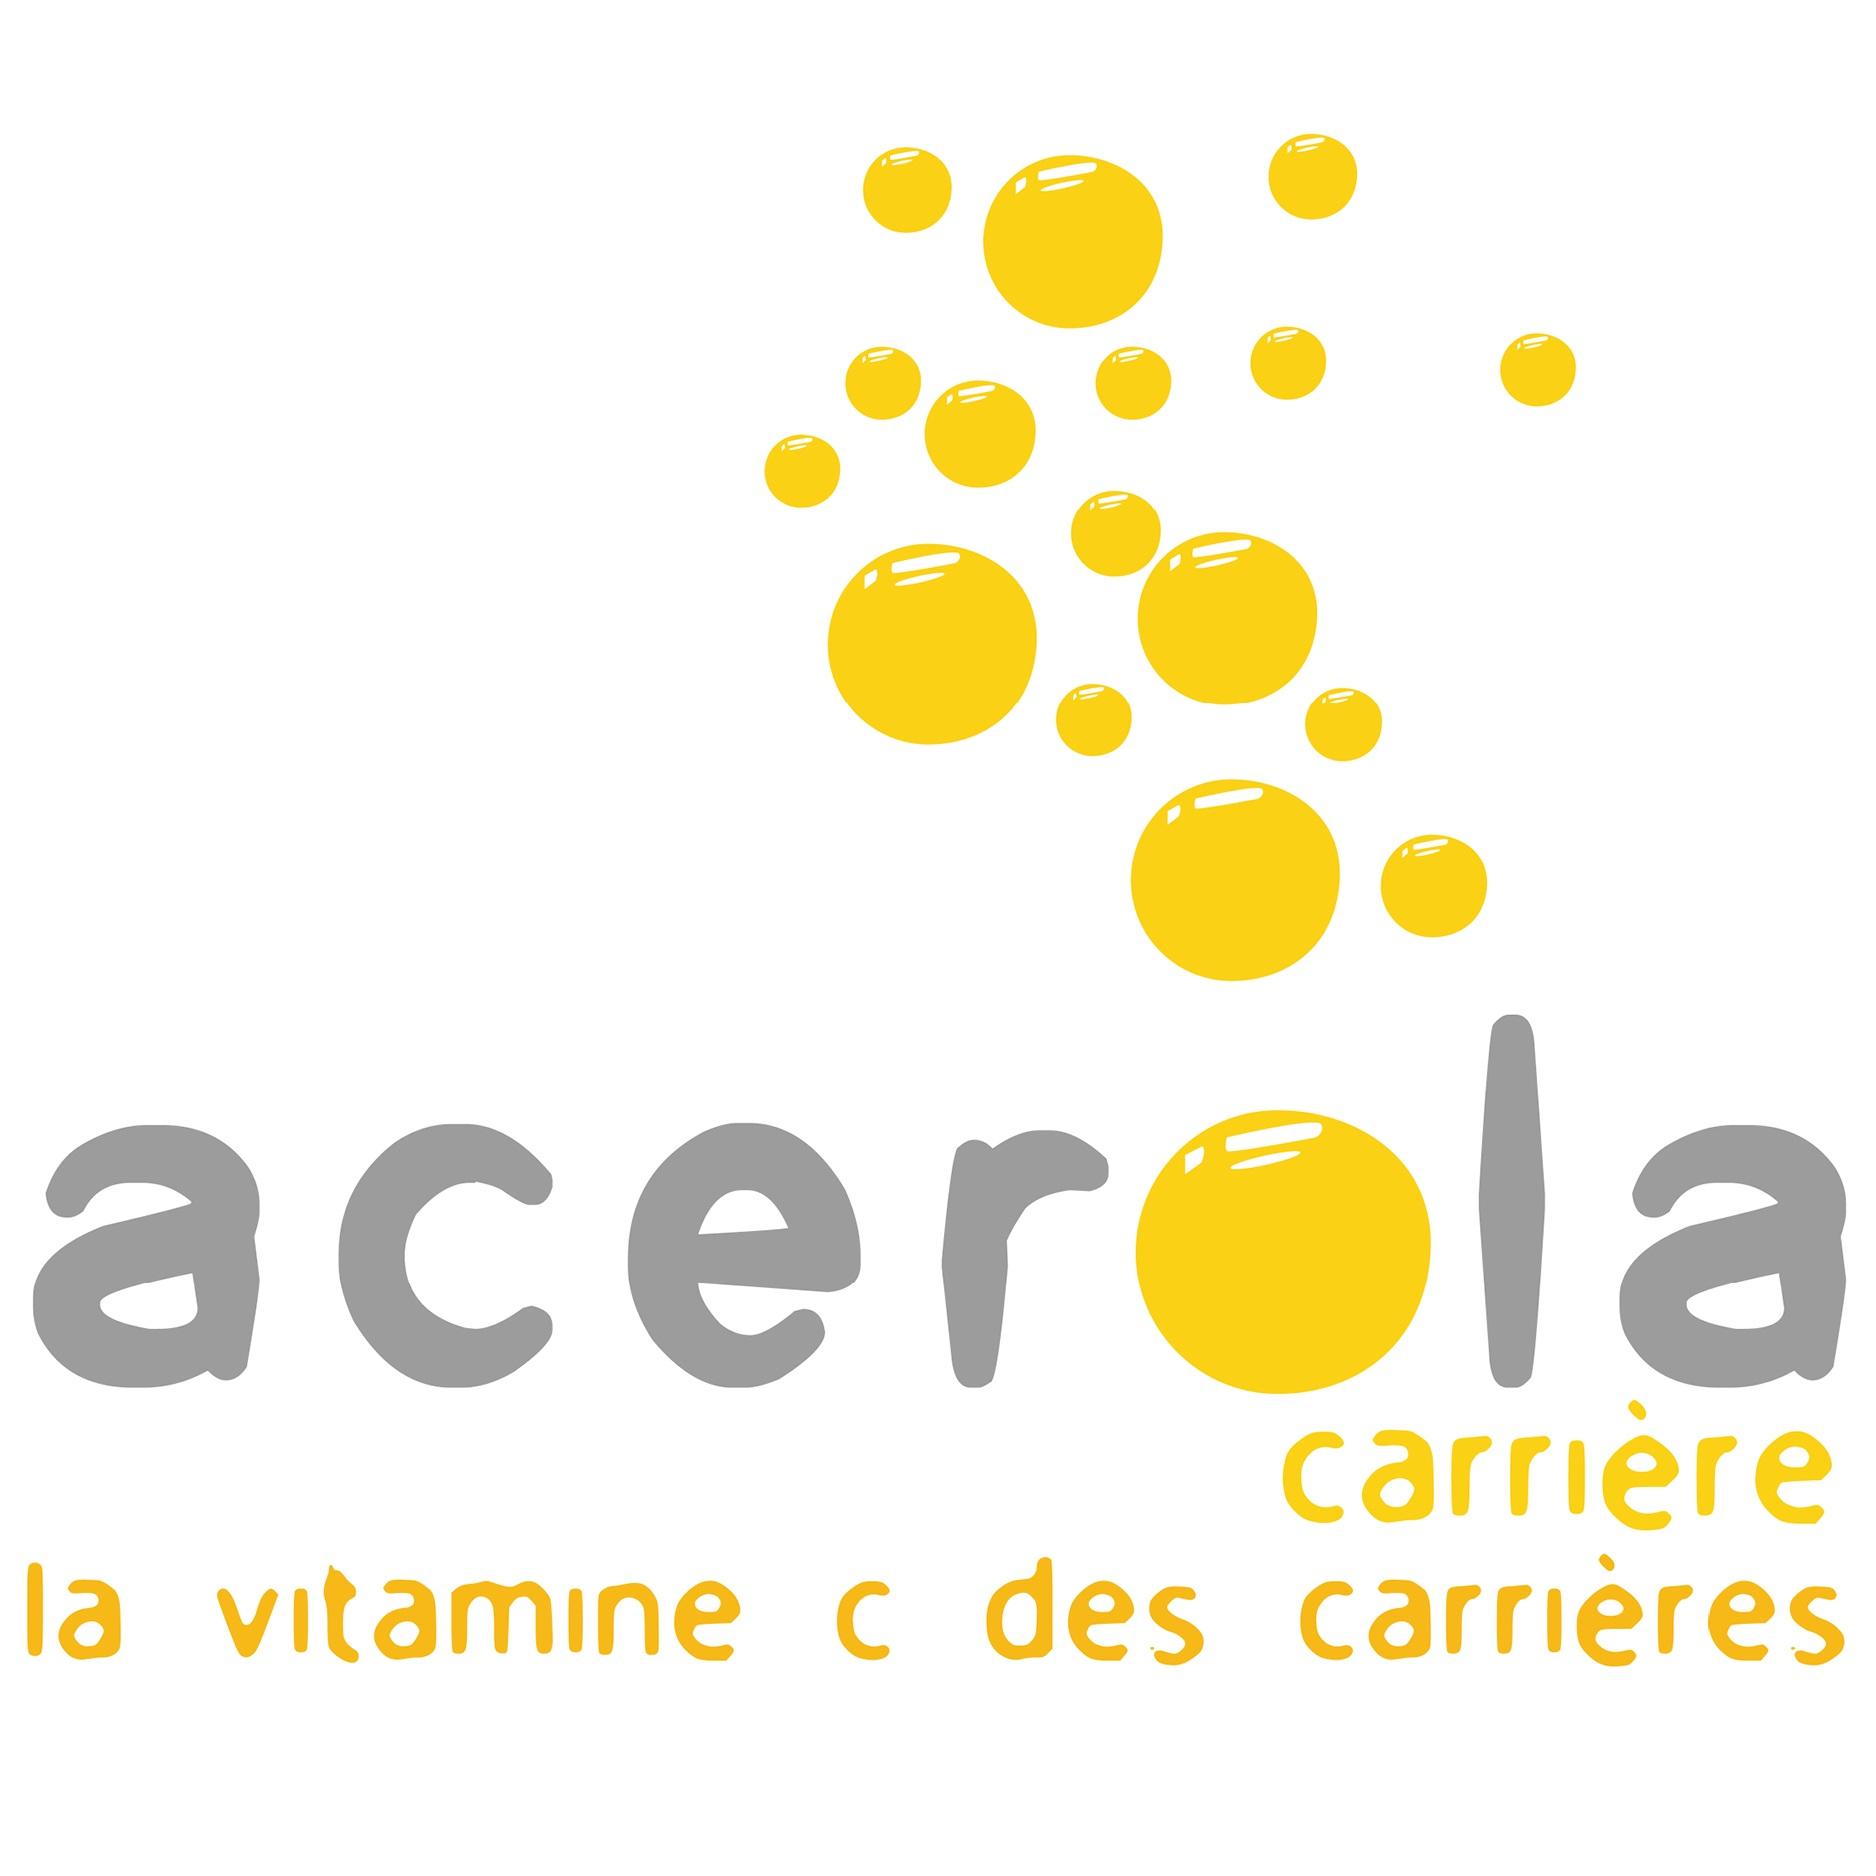 Centre ACEROLA Carrière - Neuilly Plaisance (93)